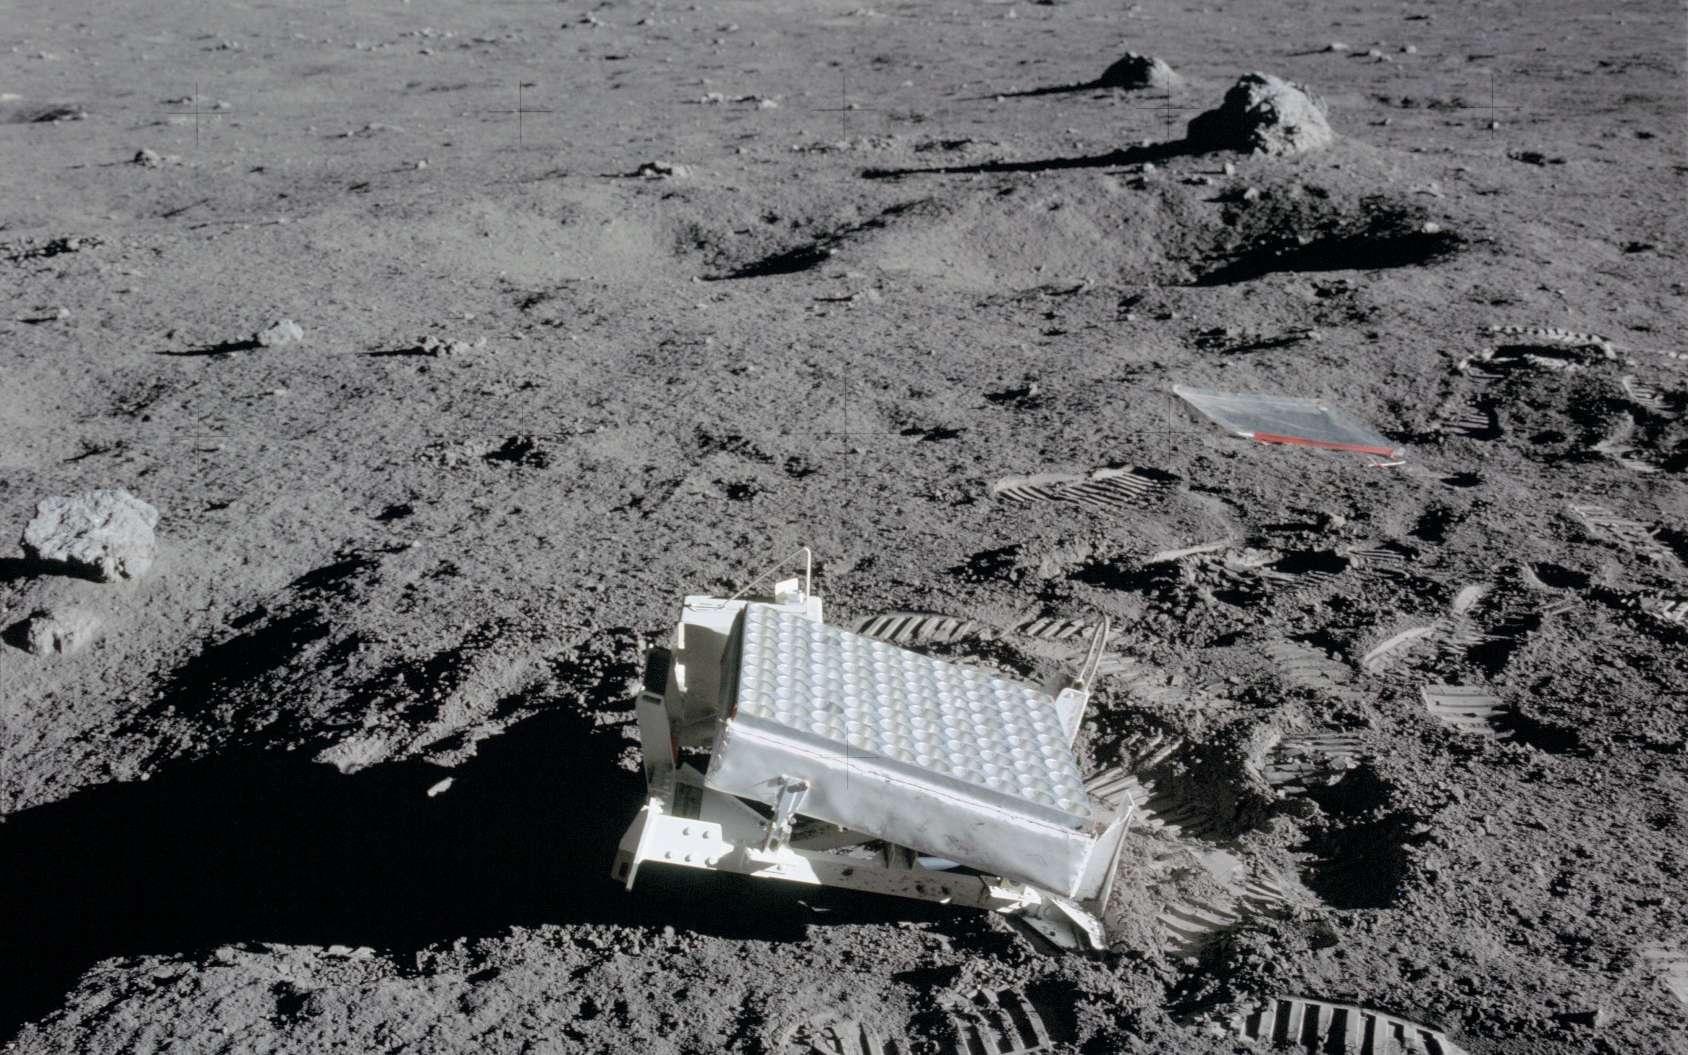 Réflecteur laser déposé lors de la mission Apollo 14 sur le sol lunaire. © Nasa